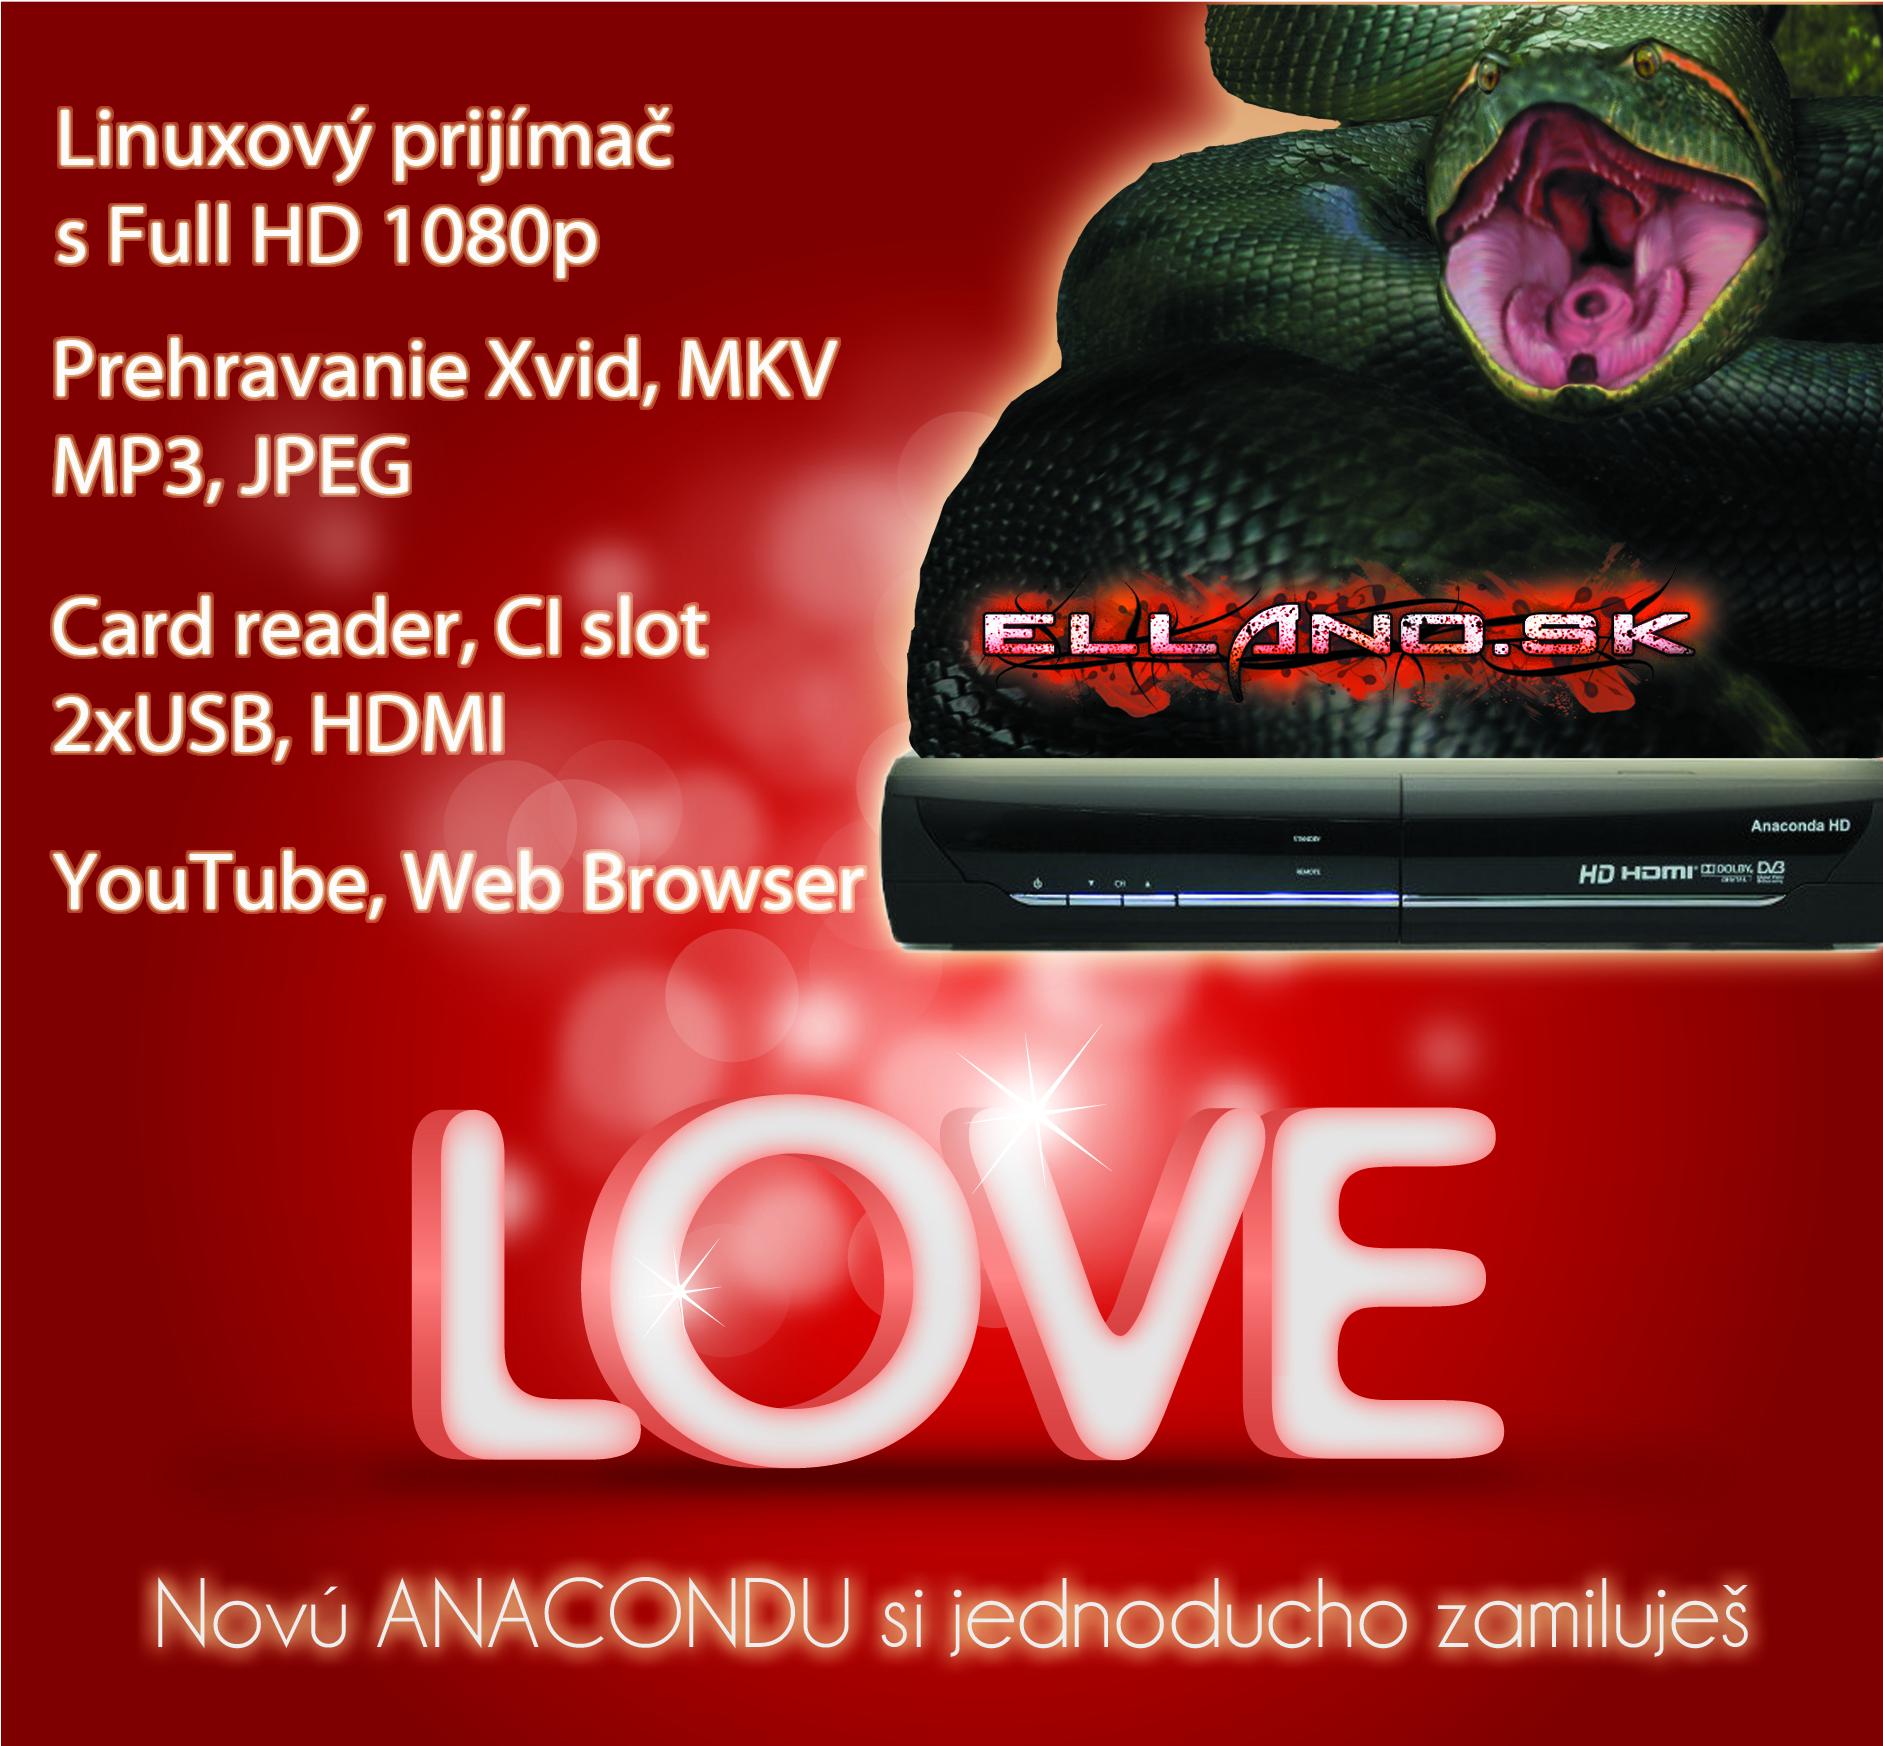 4193edb1c Optibox Anaconda Preview Digitálny satelitný linuxový prijímač s možnosťou  príjmu programov vo vysokom rozlíšení Full HD 1080p. Má 1x čítačku kariet  Conax, ...